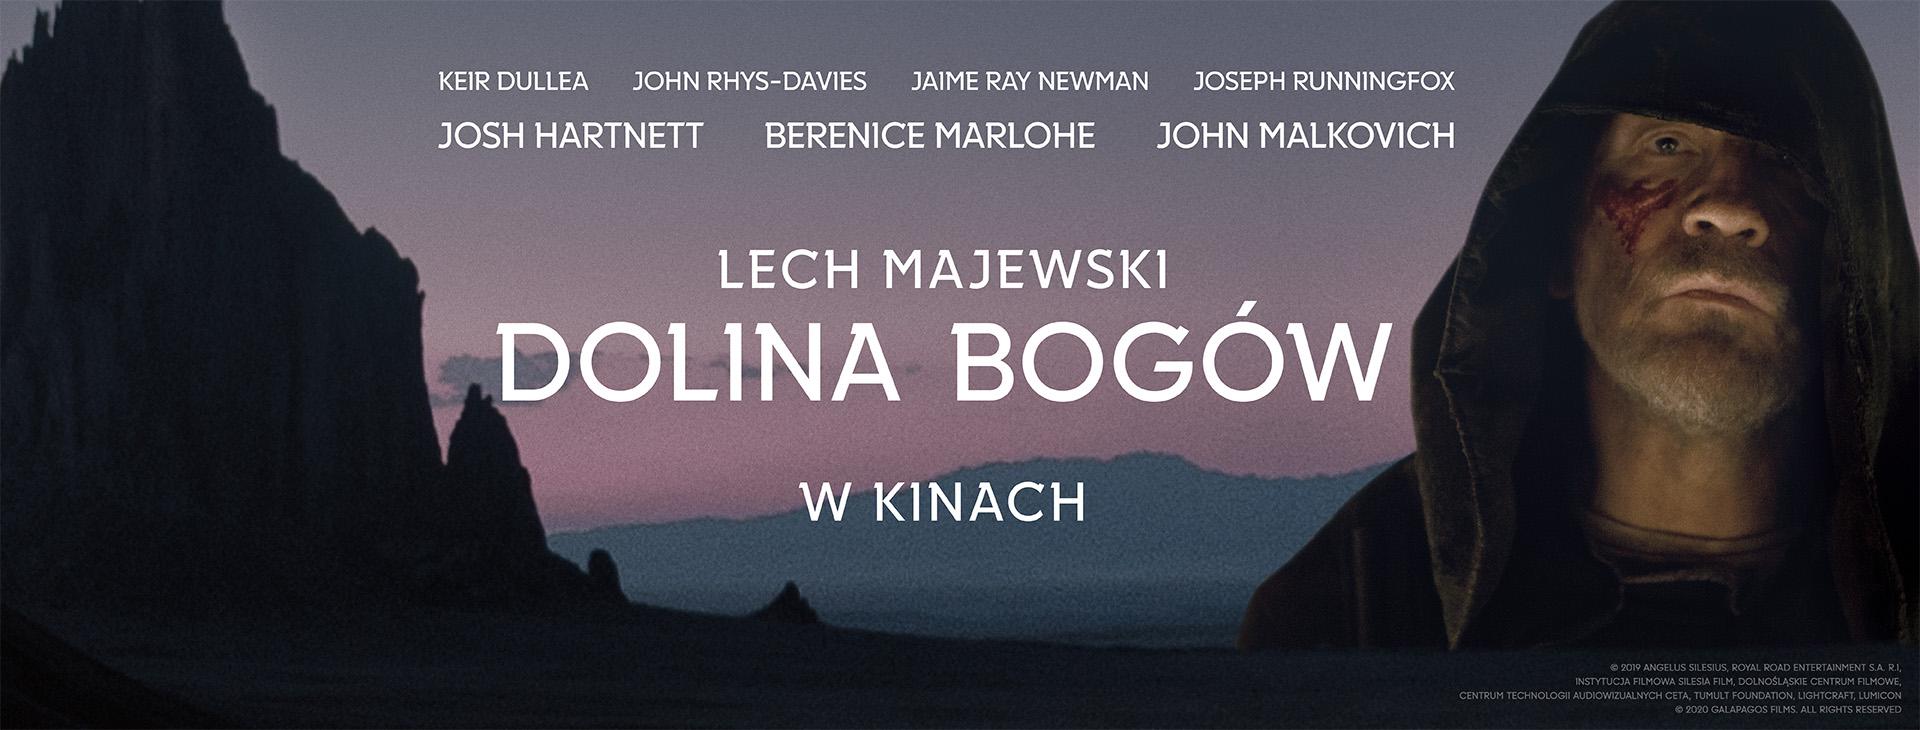 Dolina Bogów | reż. Lech Majewski; z rolą Johna Malkovicha